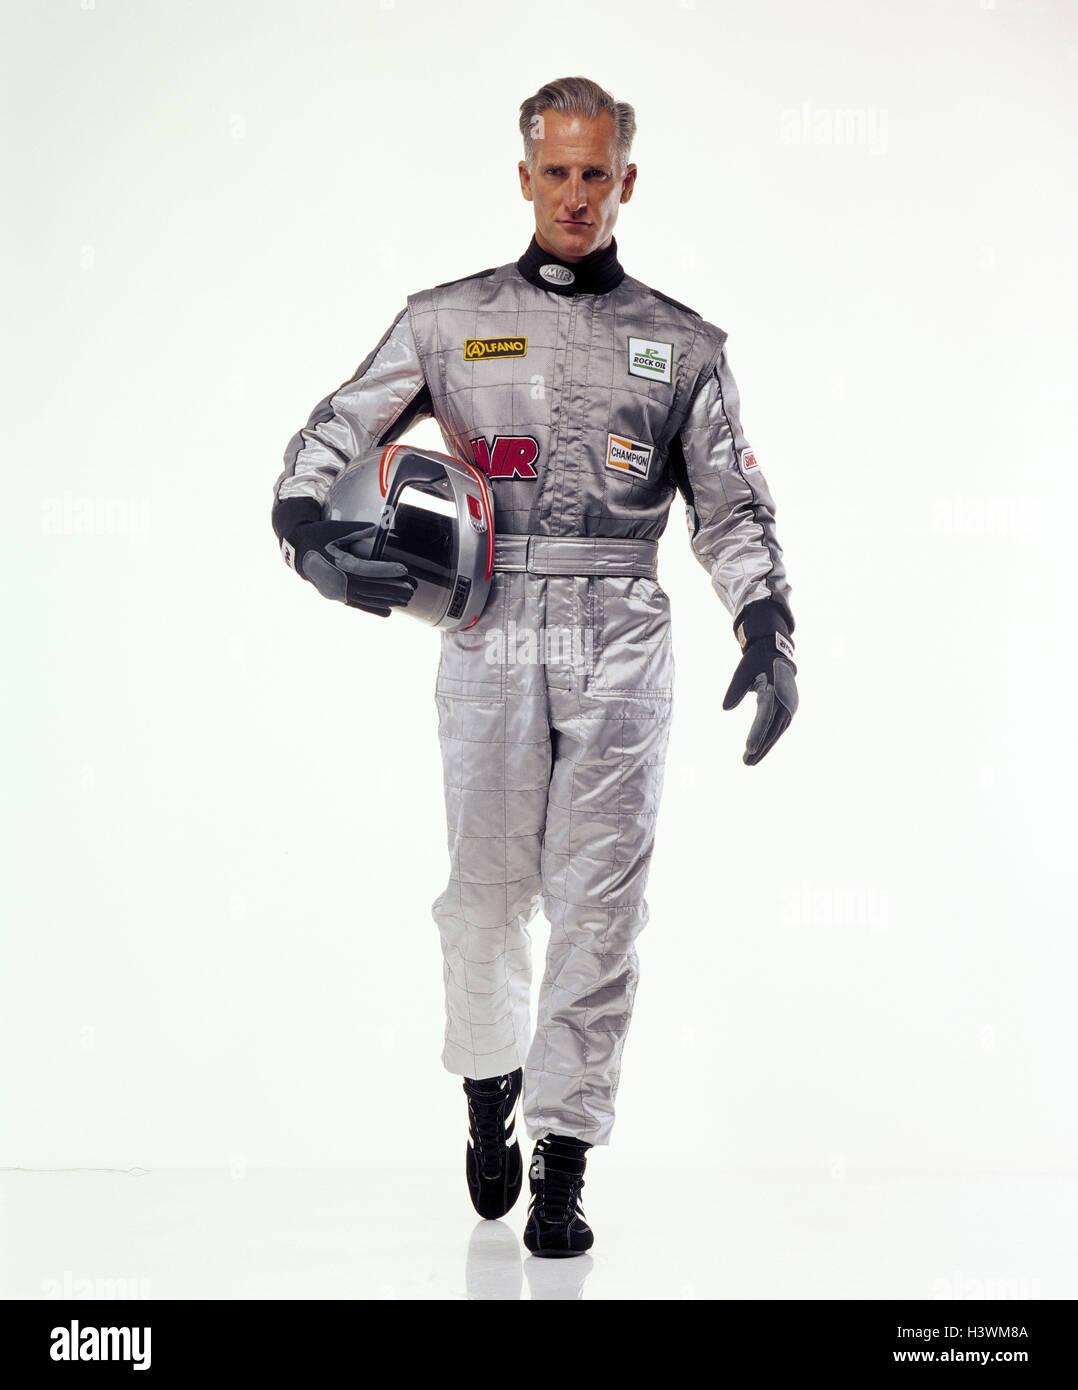 Motor sport, racing driver, overall, helmet, silver, motion, go sport, racing sport, man, racing suit, crash helmet, - Stock Image